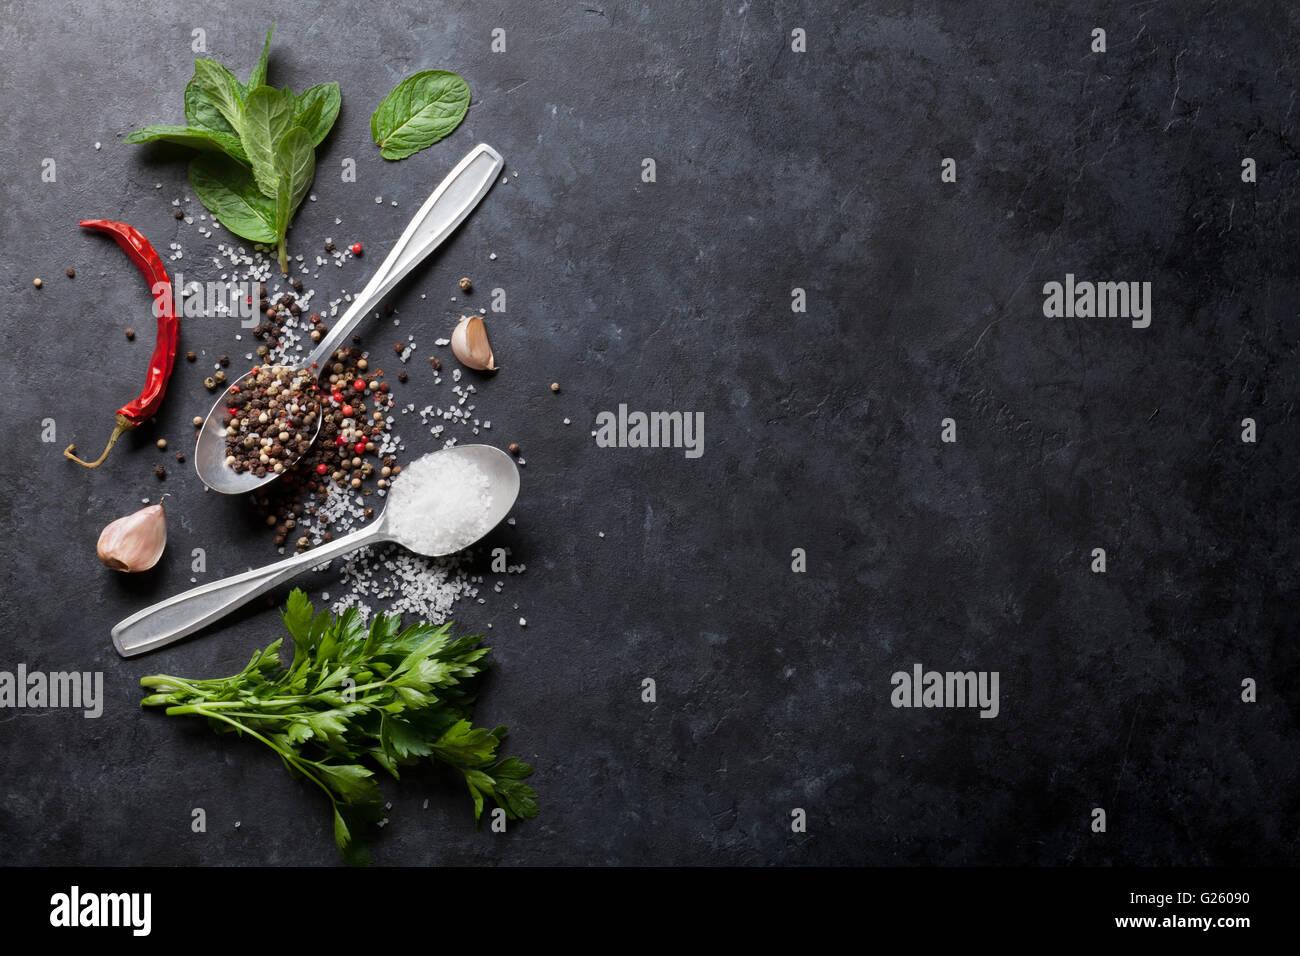 Nero, bianco e pepe rosso sale e spezie in cucchiaio. La menta e il prezzemolo erbe aromatiche. Vista da sopra con Immagini Stock